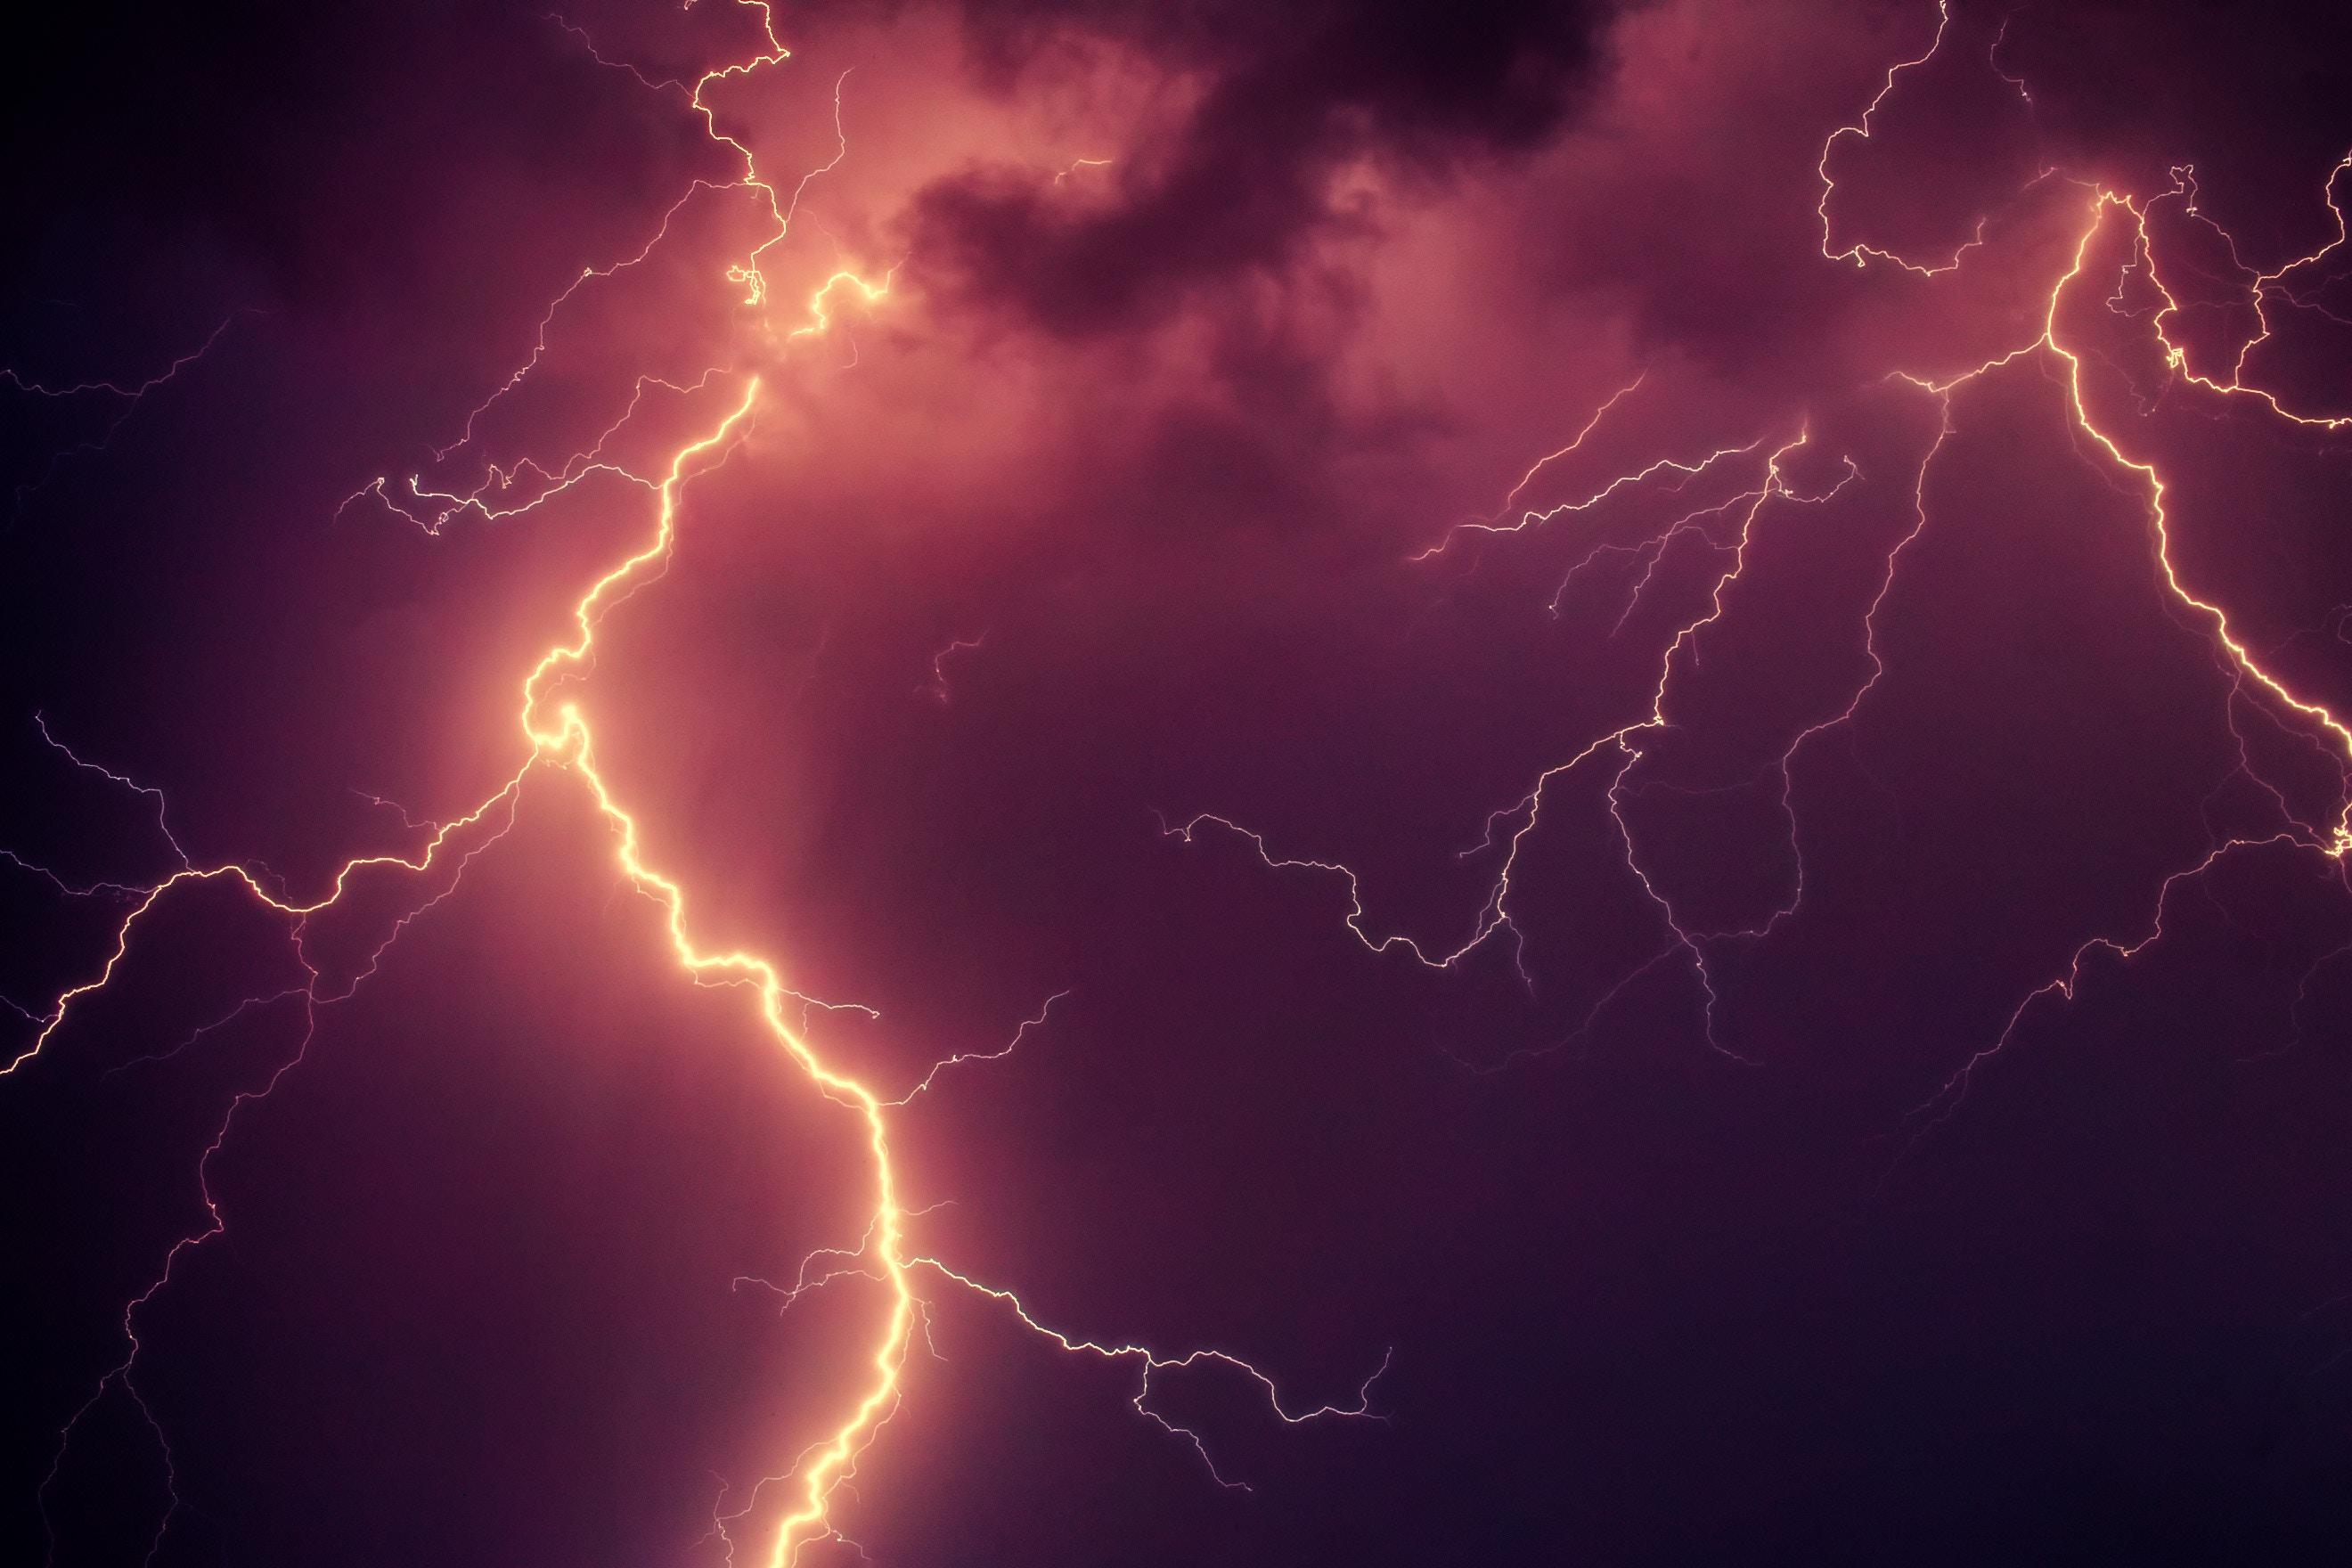 136755 Hintergrundbild herunterladen Natur, Sky, Blitz, Hauptsächlich Bewölkt, Bedeckt, Sturm, Gewitter - Bildschirmschoner und Bilder kostenlos